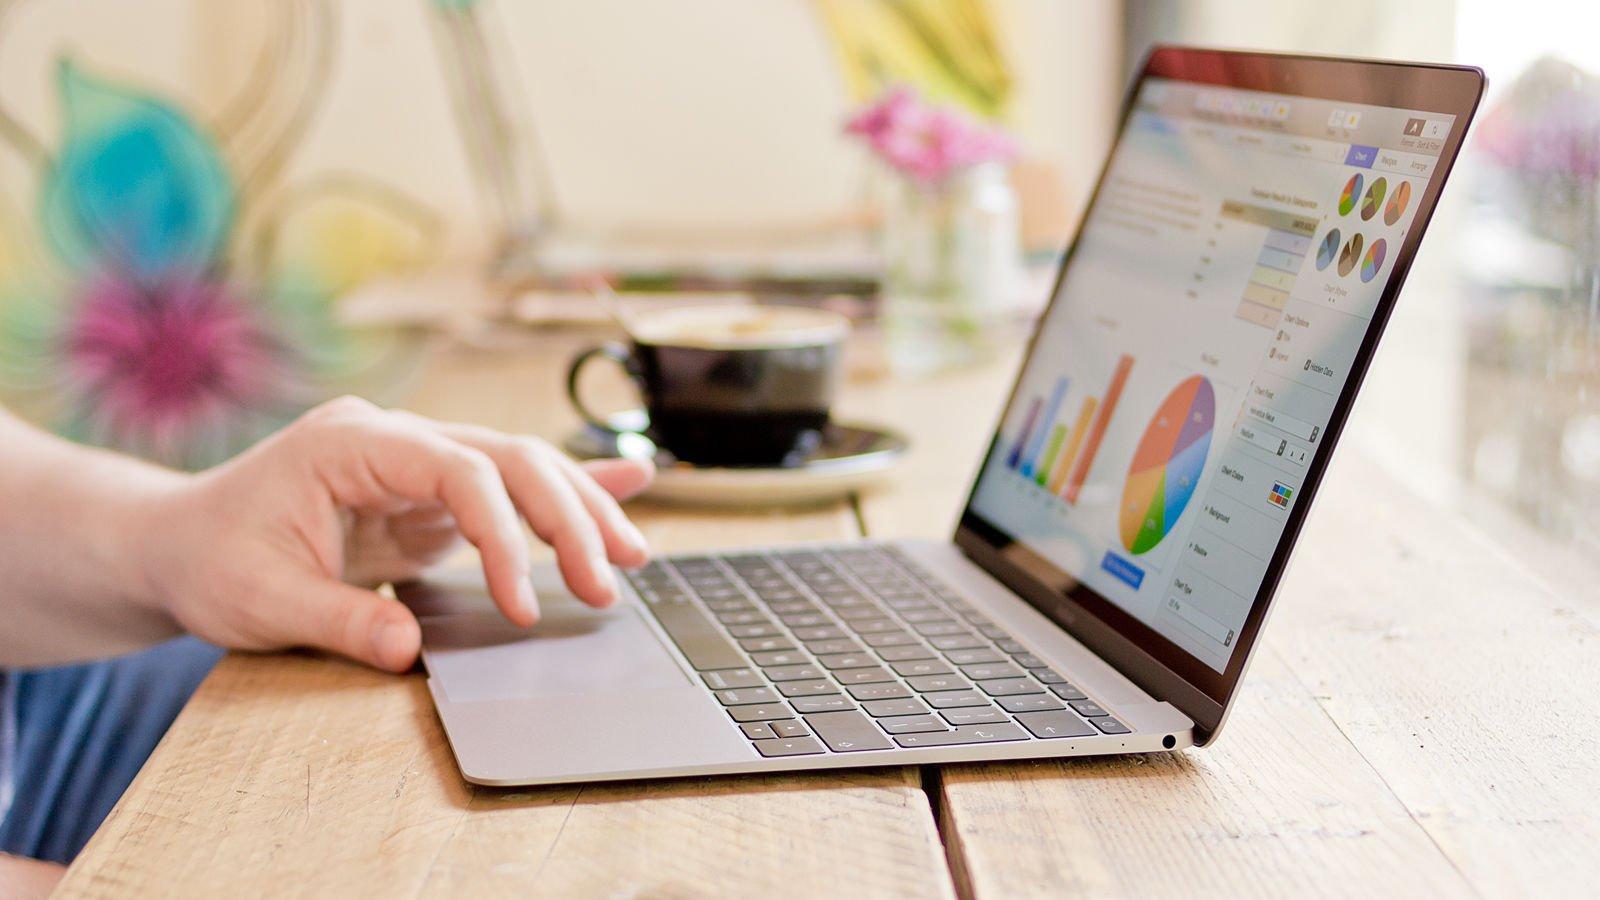 Tổng hợp phím tắt trên máy Macbook quan trọng mà bạn nên biết